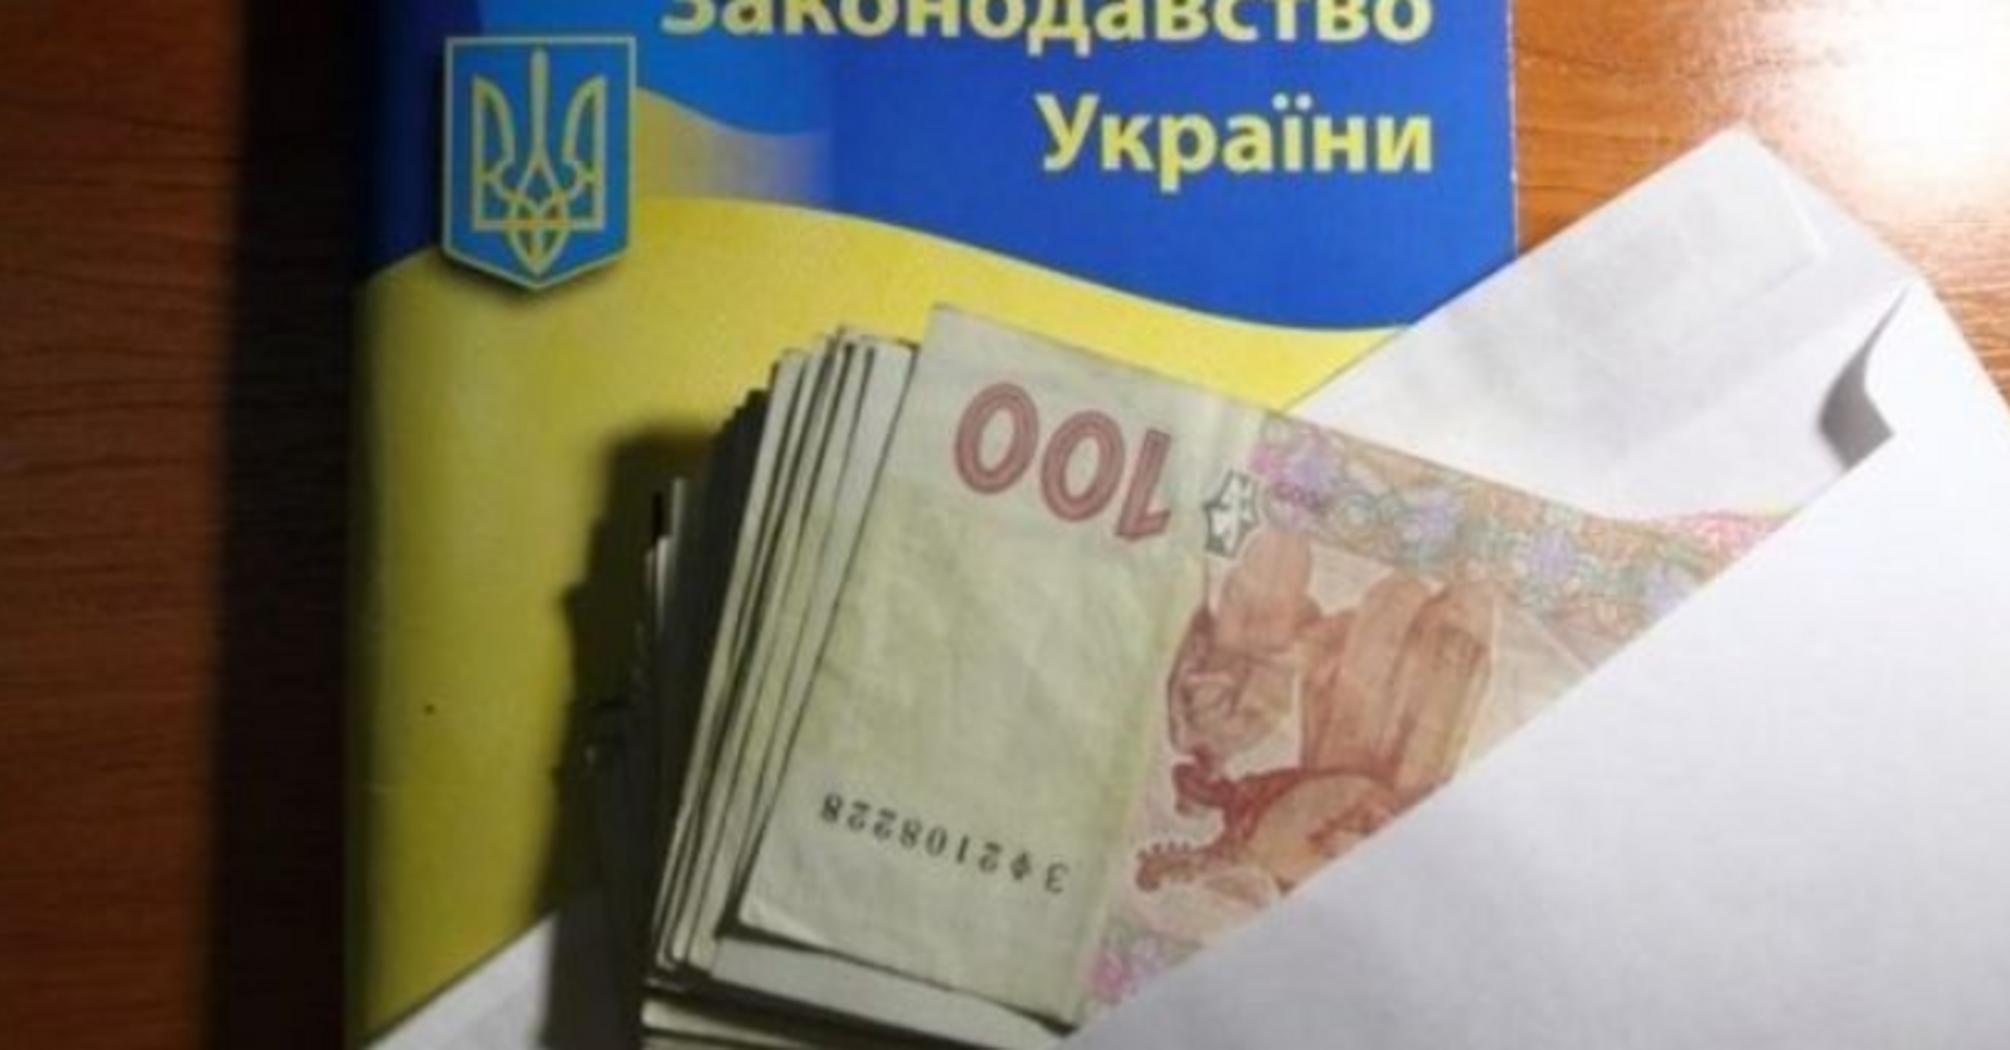 Украина потеряла 25,5 млрд грн на коррупции в налоговой: нардеп Гео Лерос передал документ в НАБУ